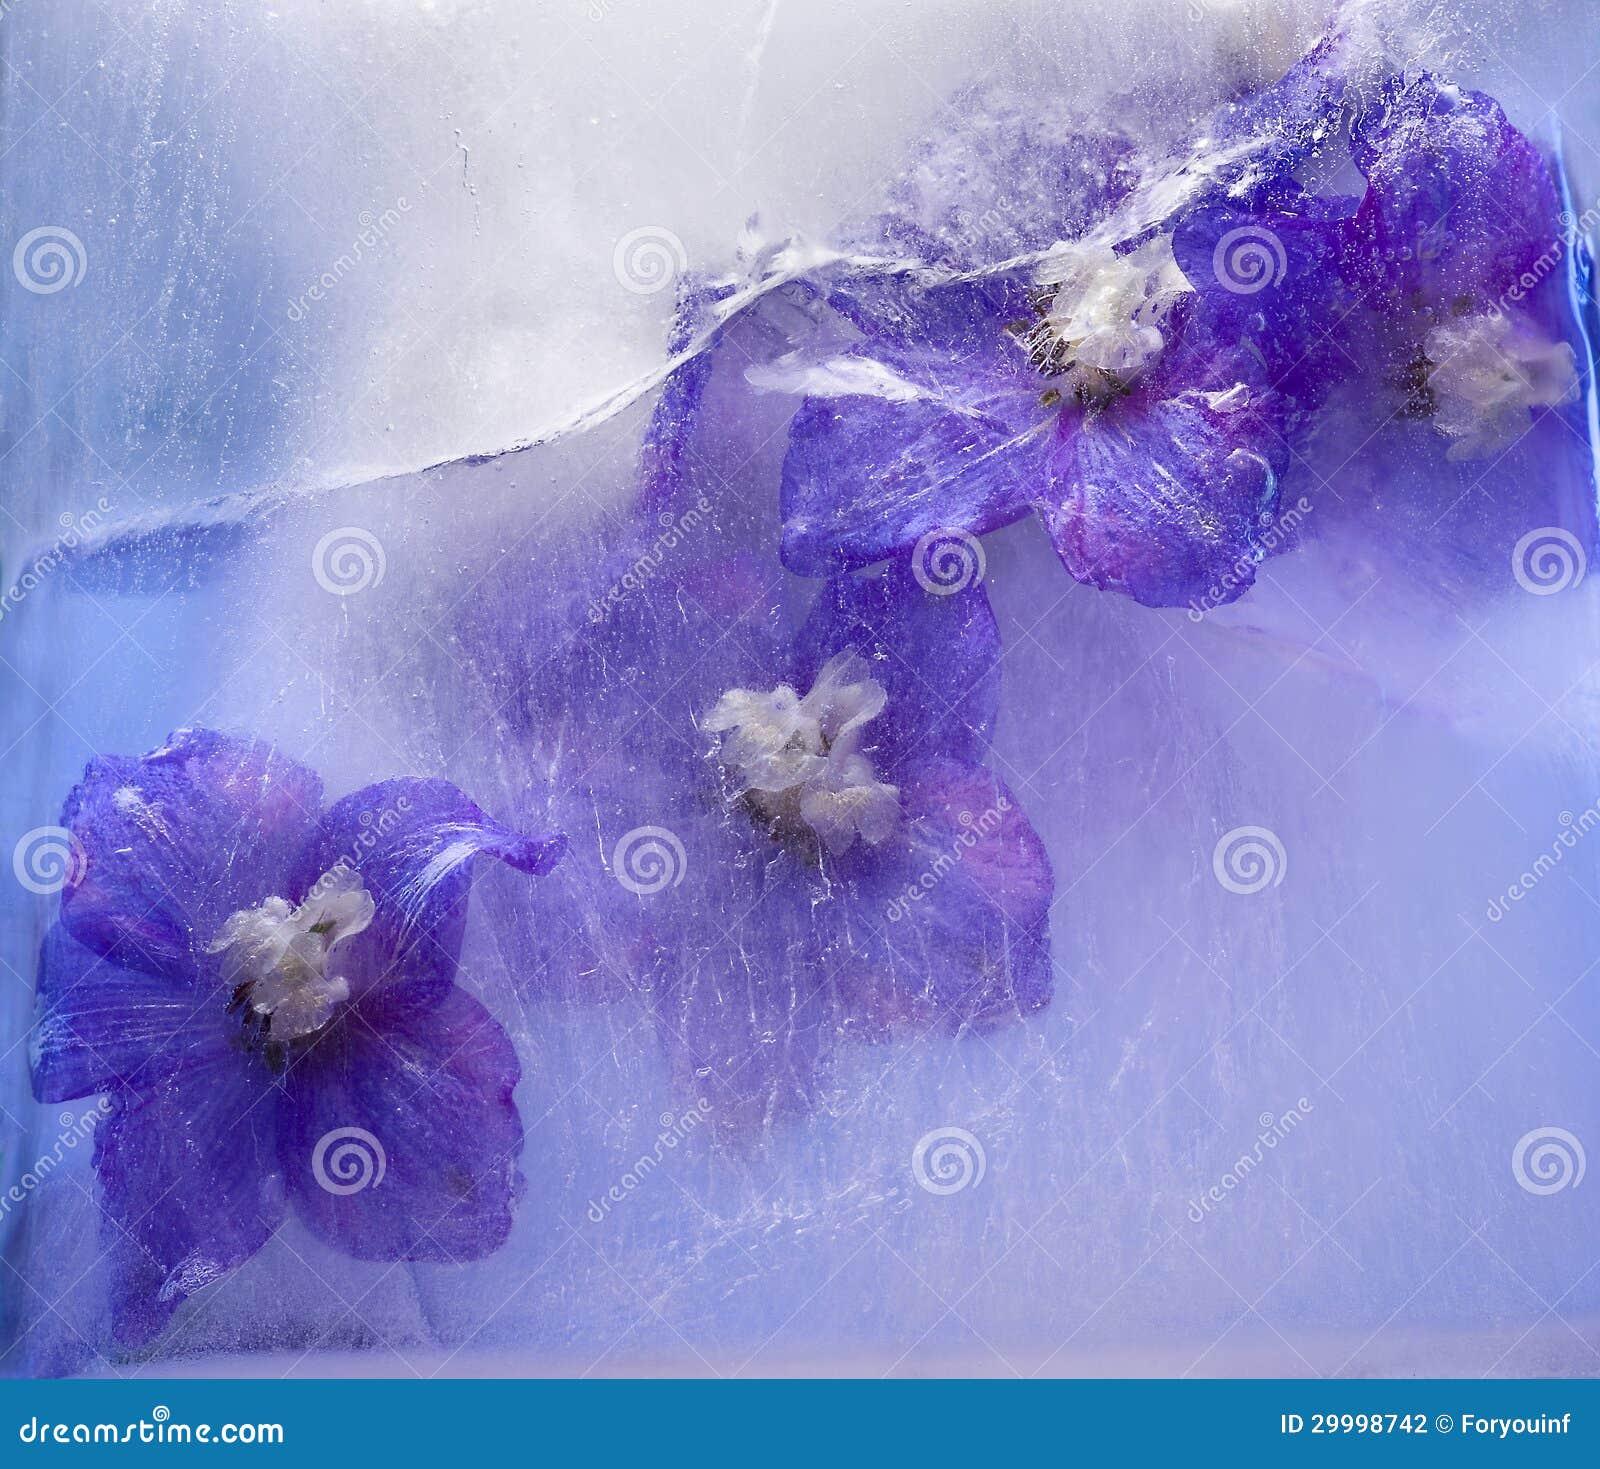 Frozen Blue Delphinium Flower Stock graphy Image